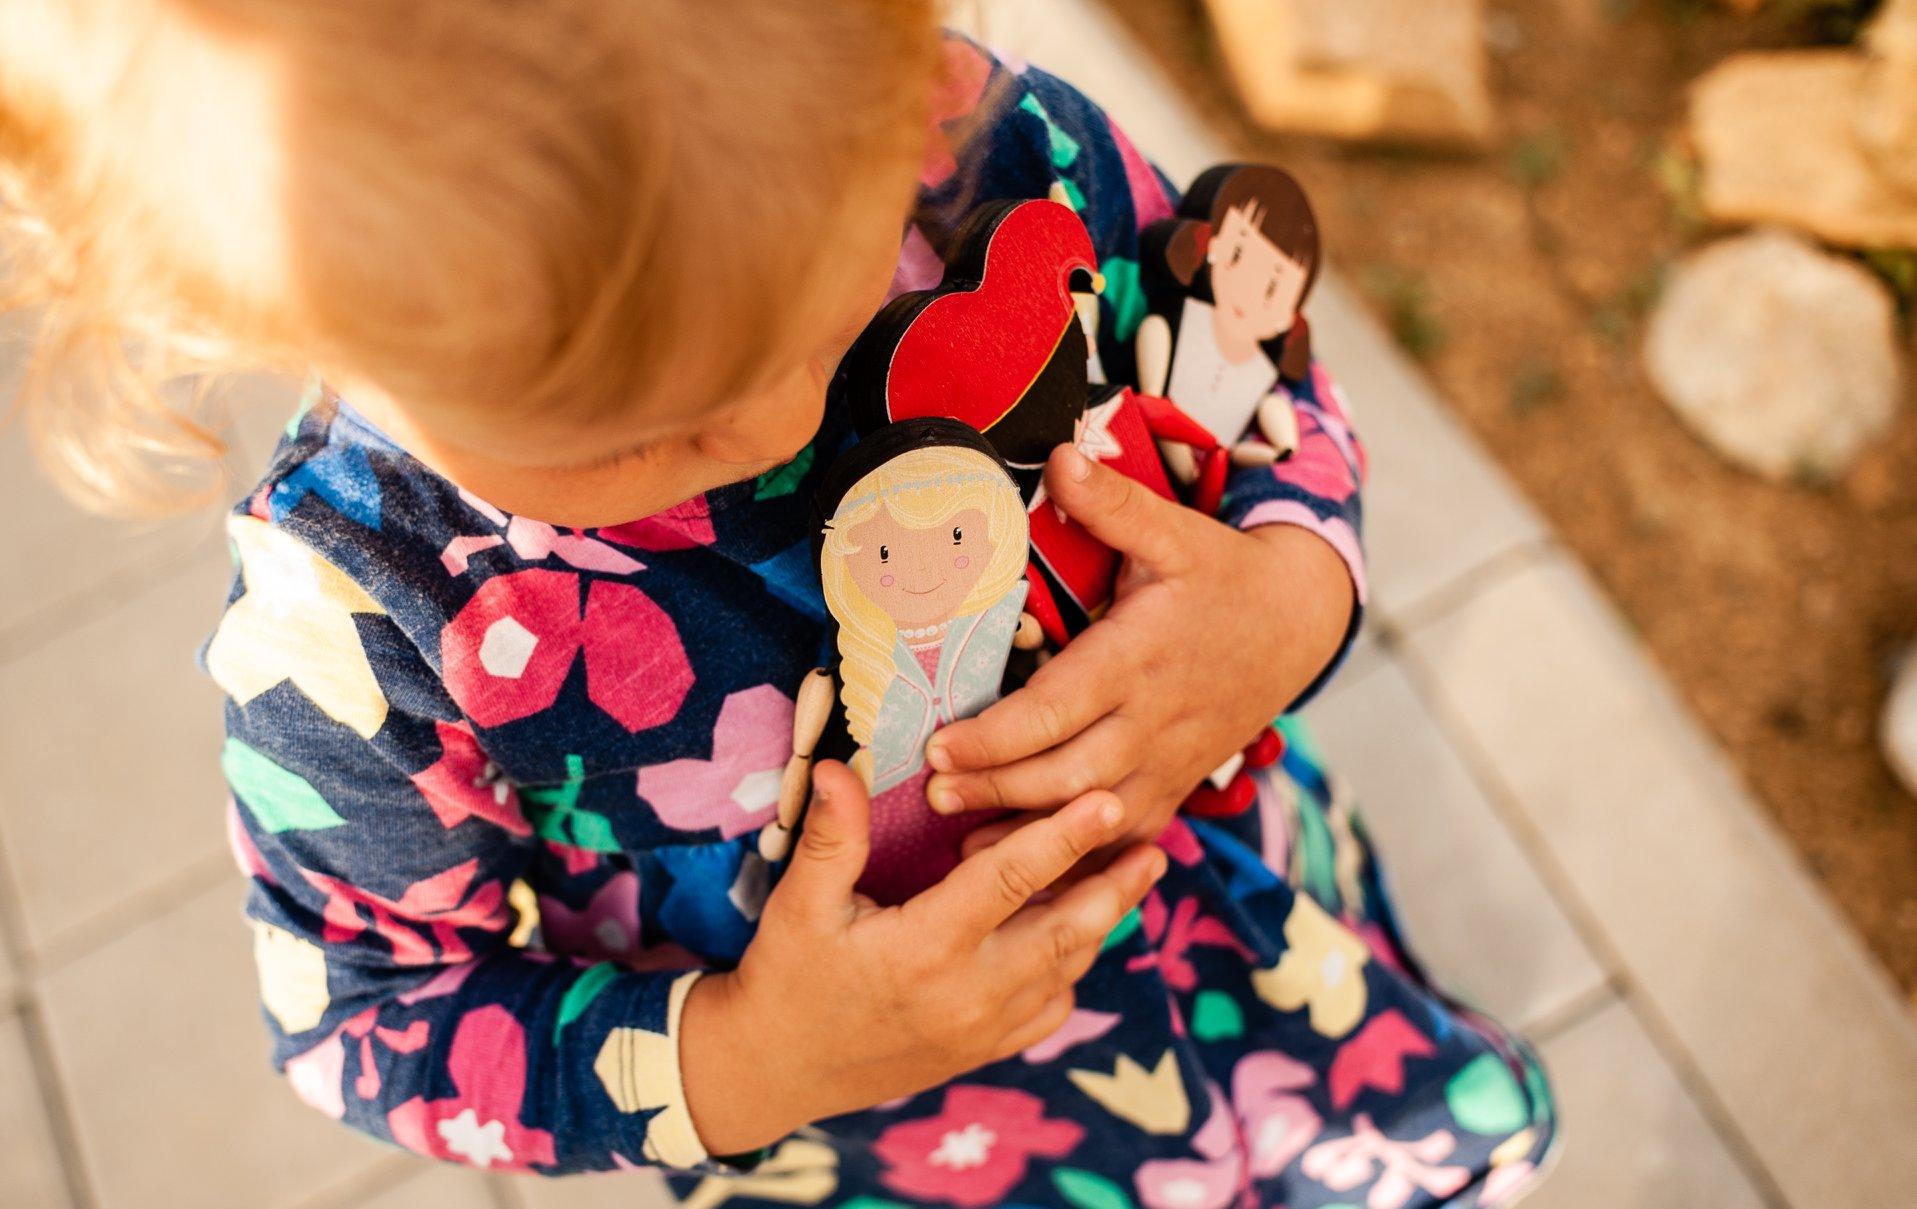 holčička, která má v ruce dřevěnou hračku.